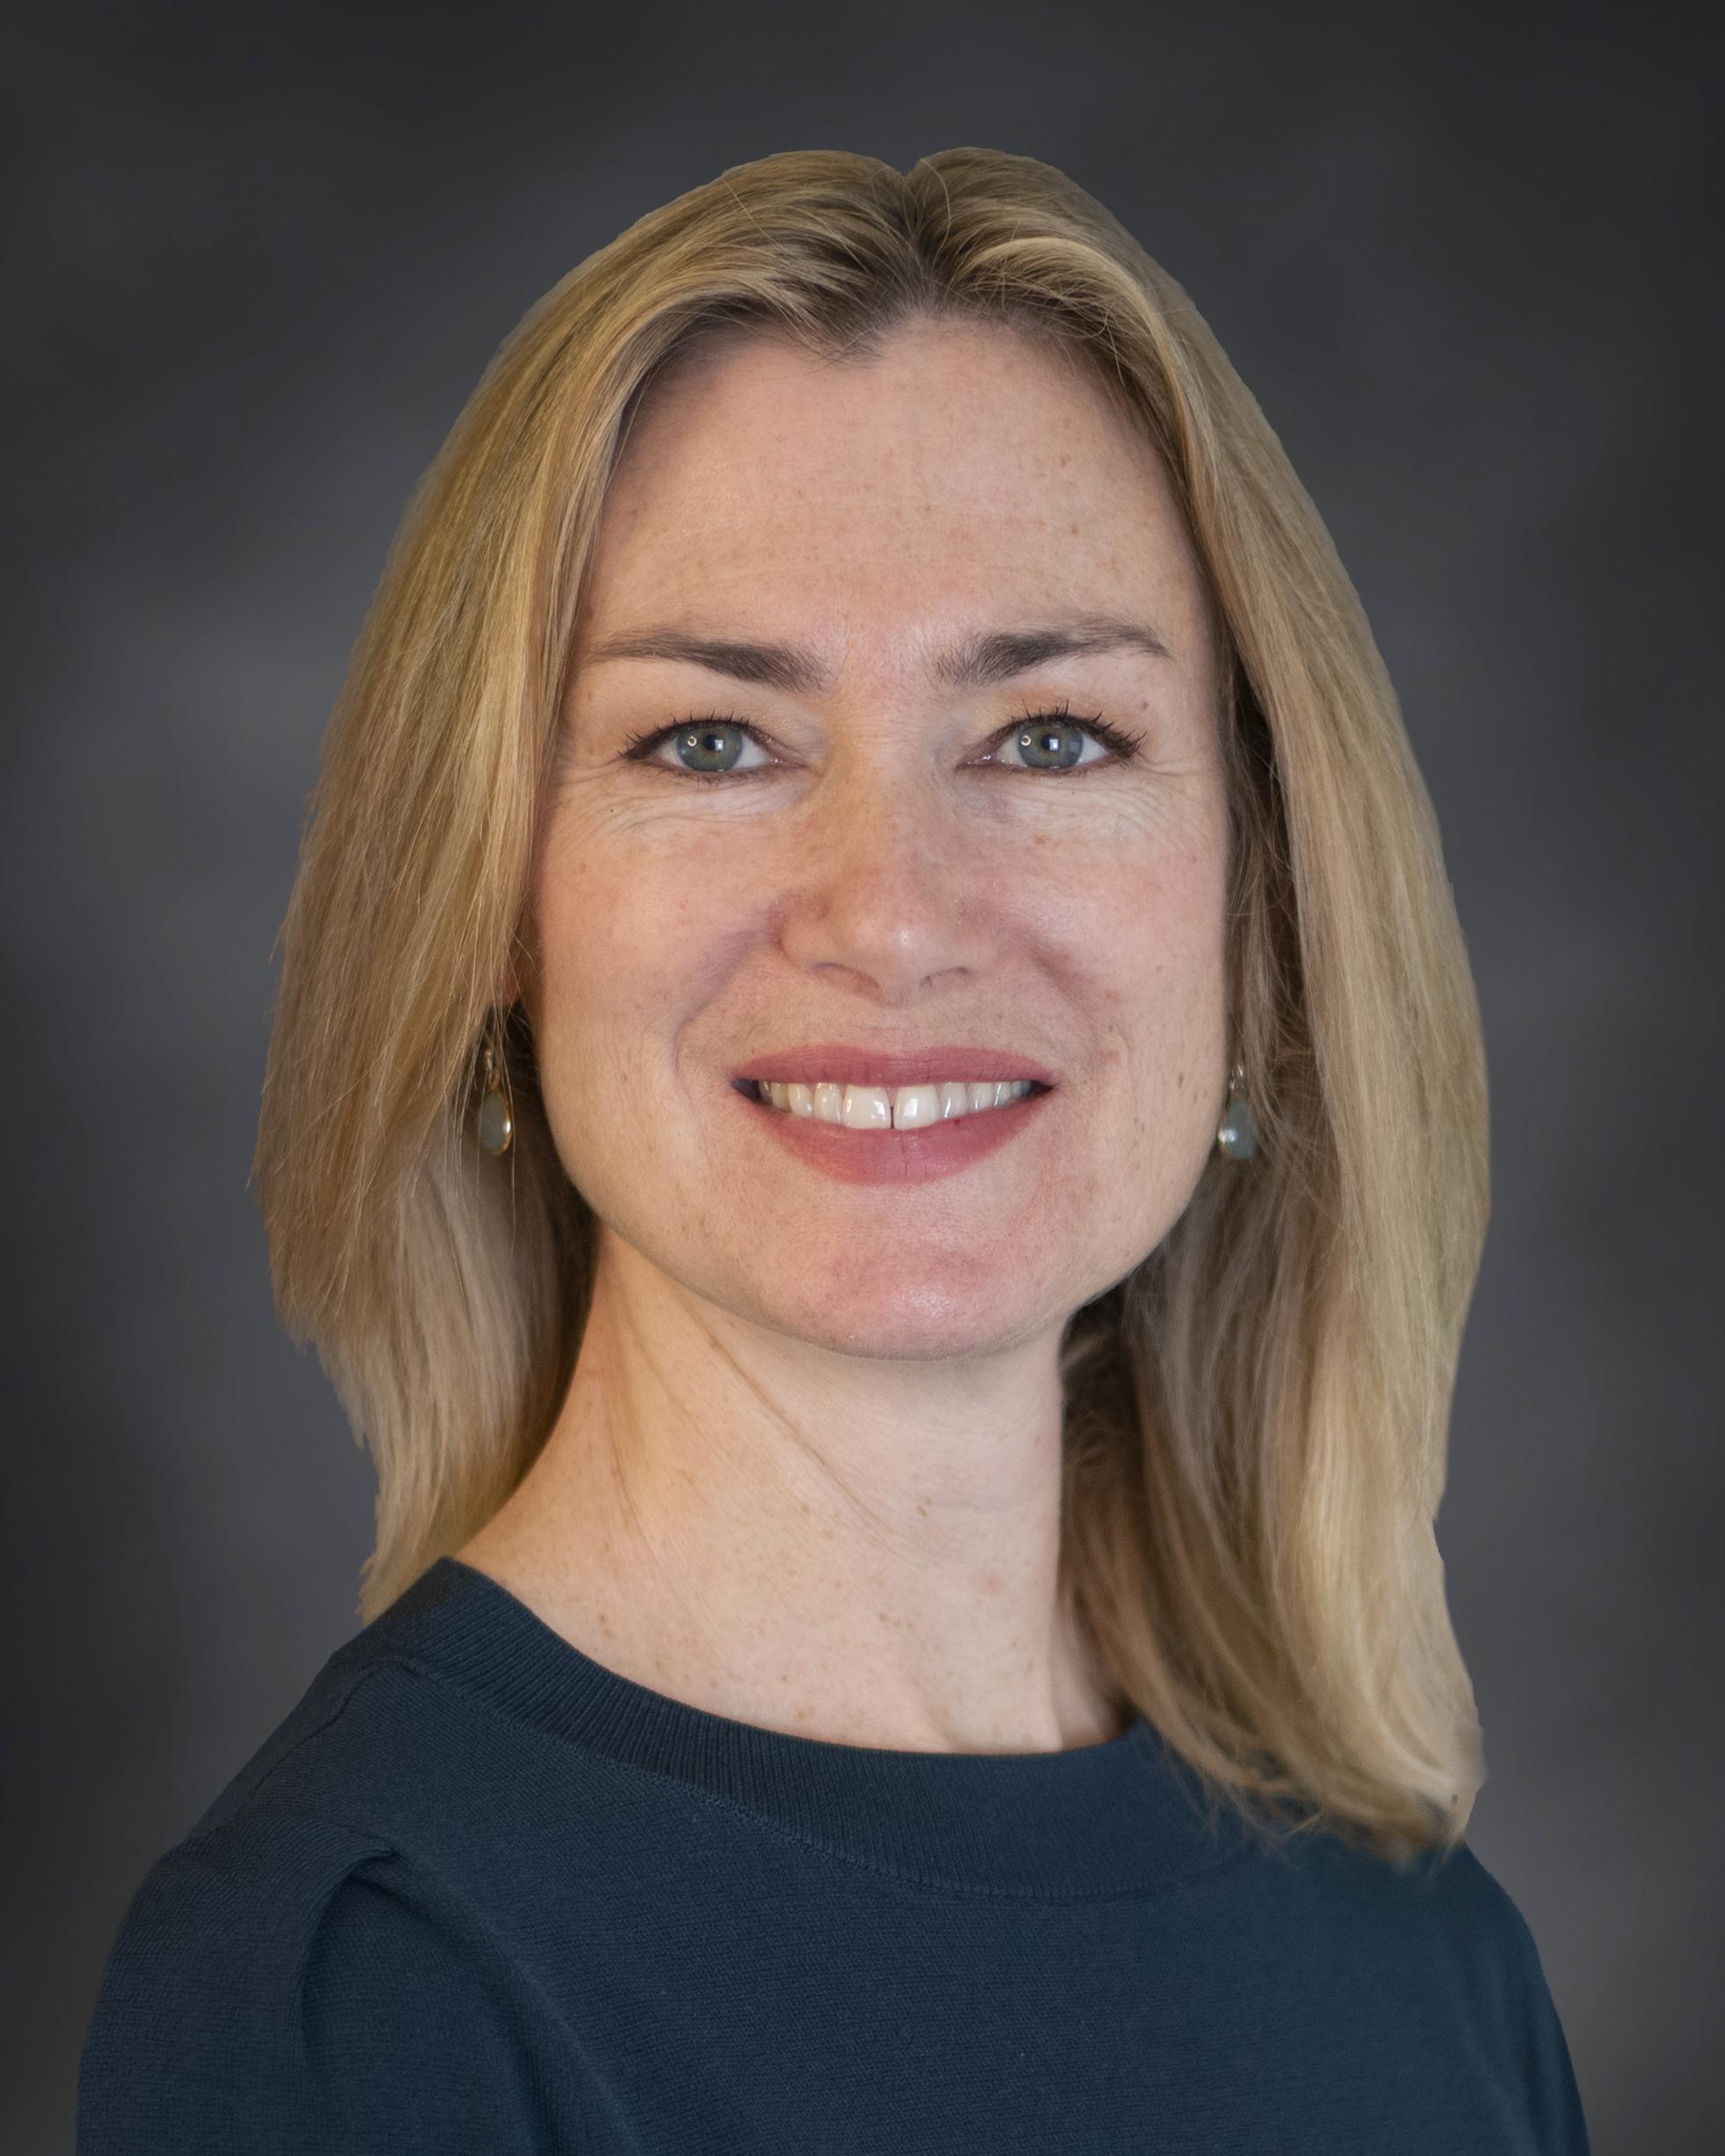 Karin Bloomer headshot